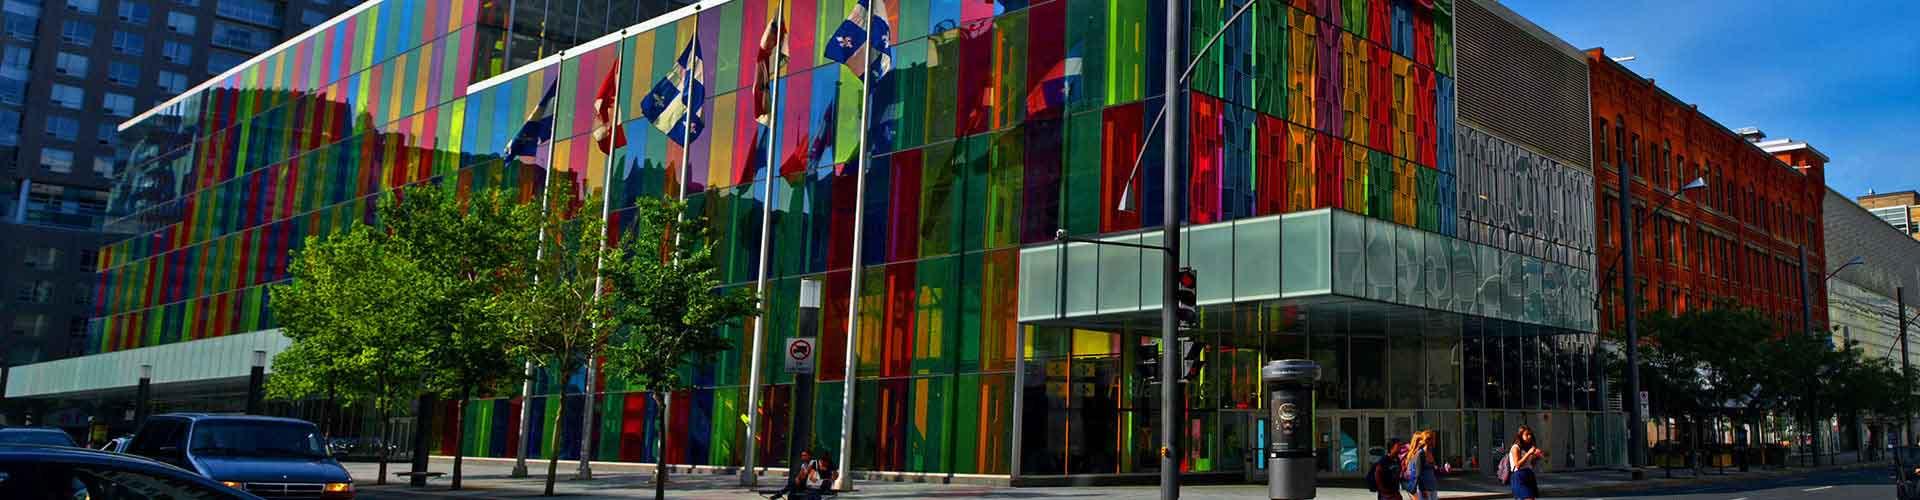 Nizza – Huoneet kaupungiosassa Palais des Congres. Nizza -karttoja, valokuvia ja arvosteluja kaikista Nizza -huoneista.